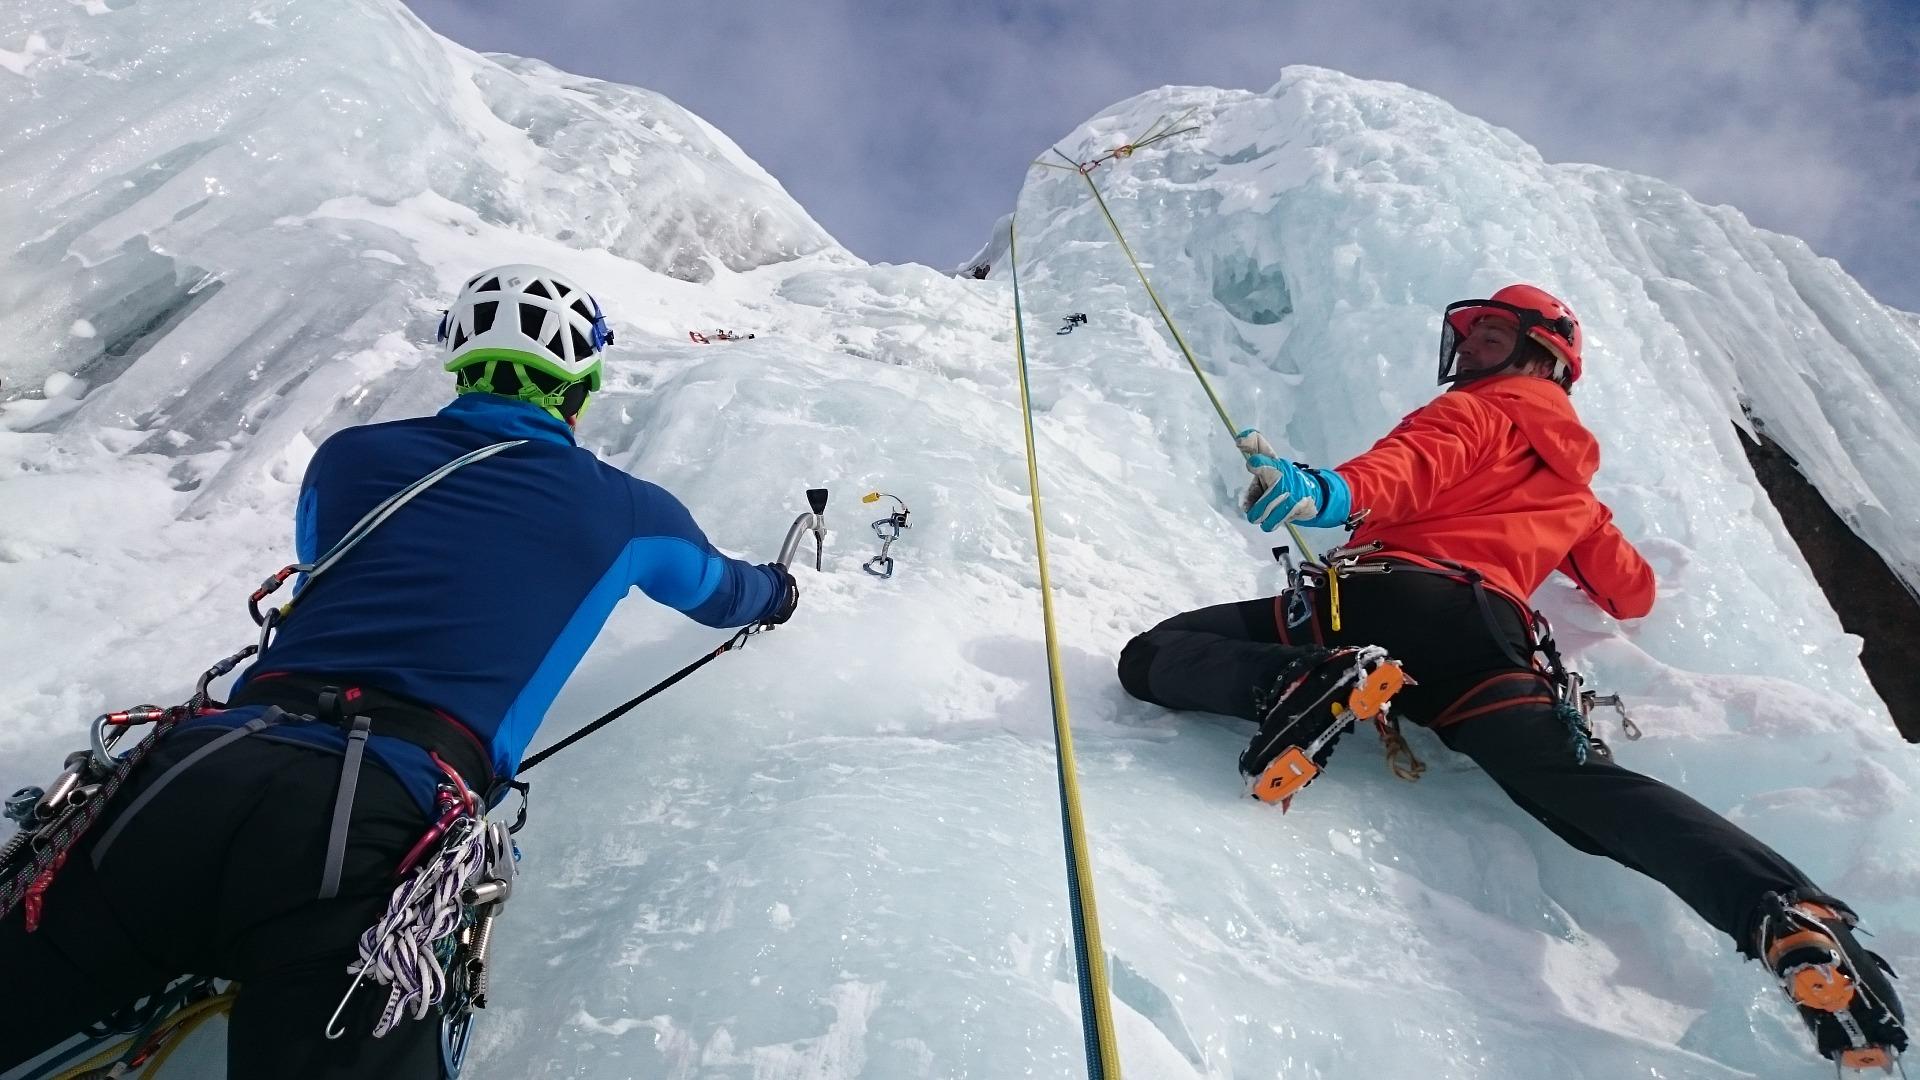 ice climbing 1247606 1920